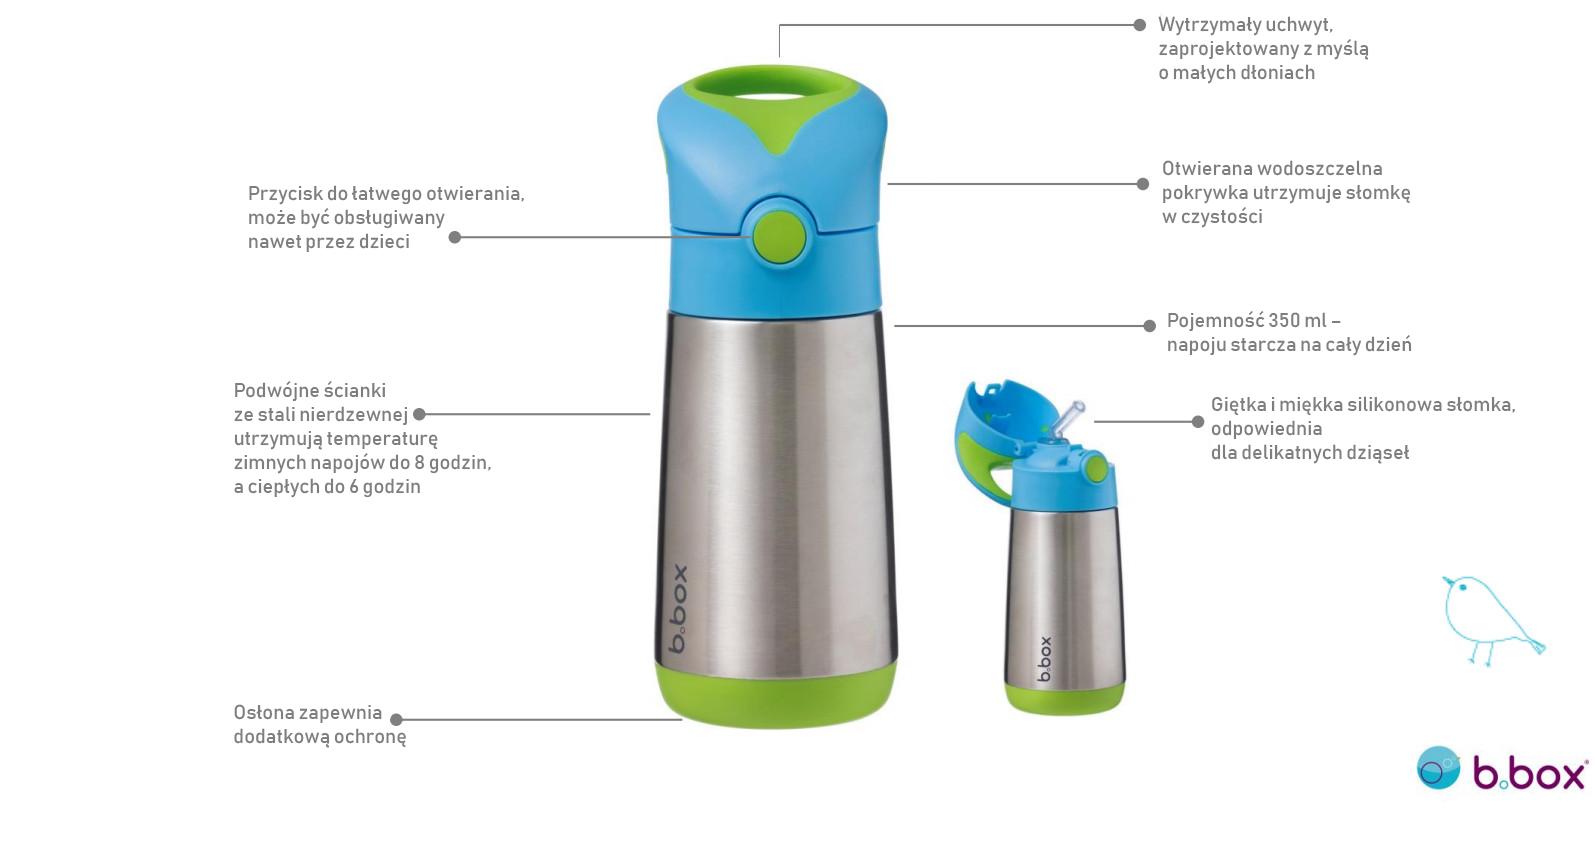 termobutelka dla dziecka, stalowa termobutelka, bidon ze słomką, wytrzymała termobutelka